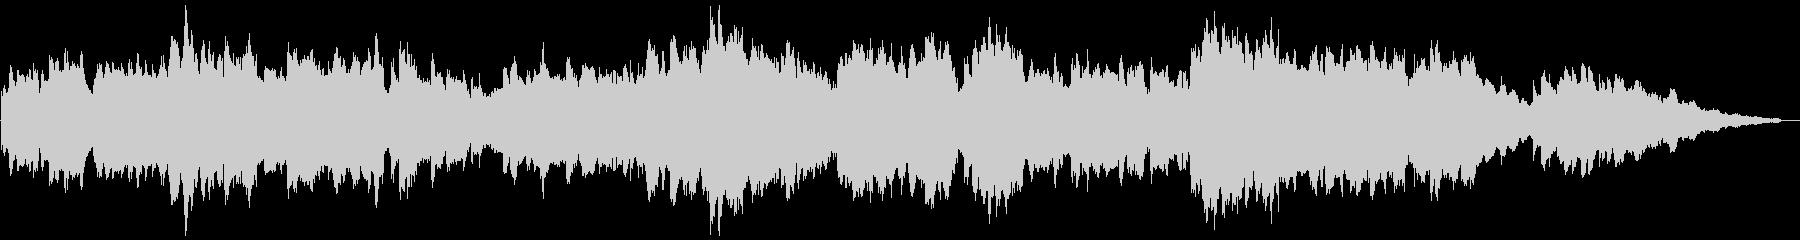 オルゴール風の優しいBGMの未再生の波形